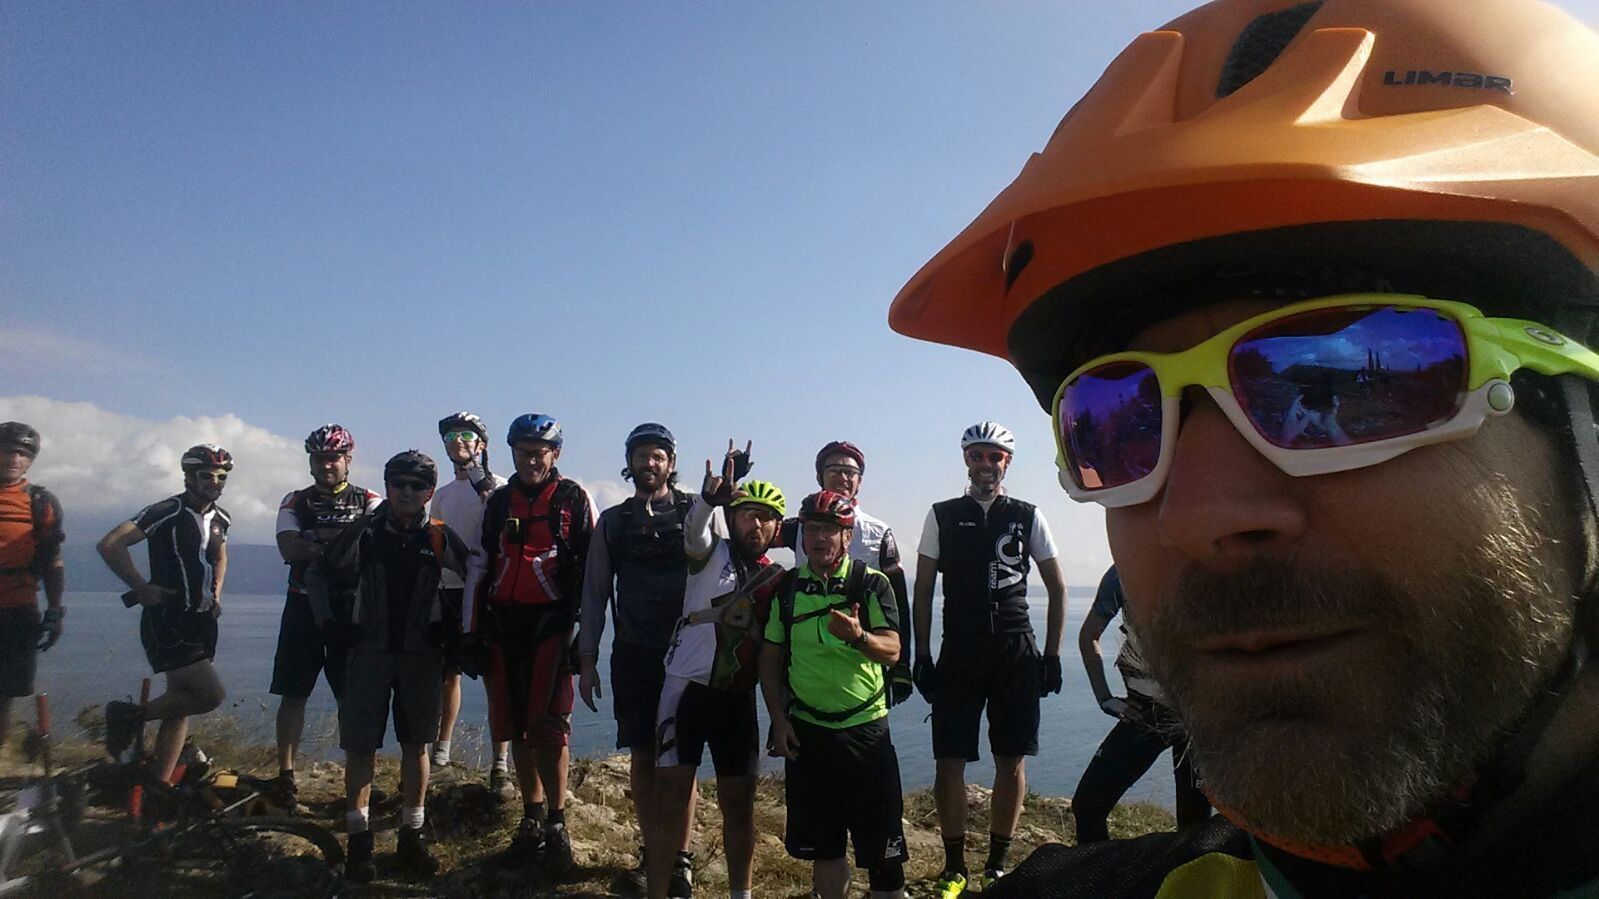 Passione e Professione... RIDE IT! Corso Nazionale per Guide di Mountain Bike 6/9 Aprile 2017 a Finale Ligure (SV) Edizione N.99 Iscriviti subito! http://www.scuoladimtb.eu/guida-modulo-di-iscrizione.html